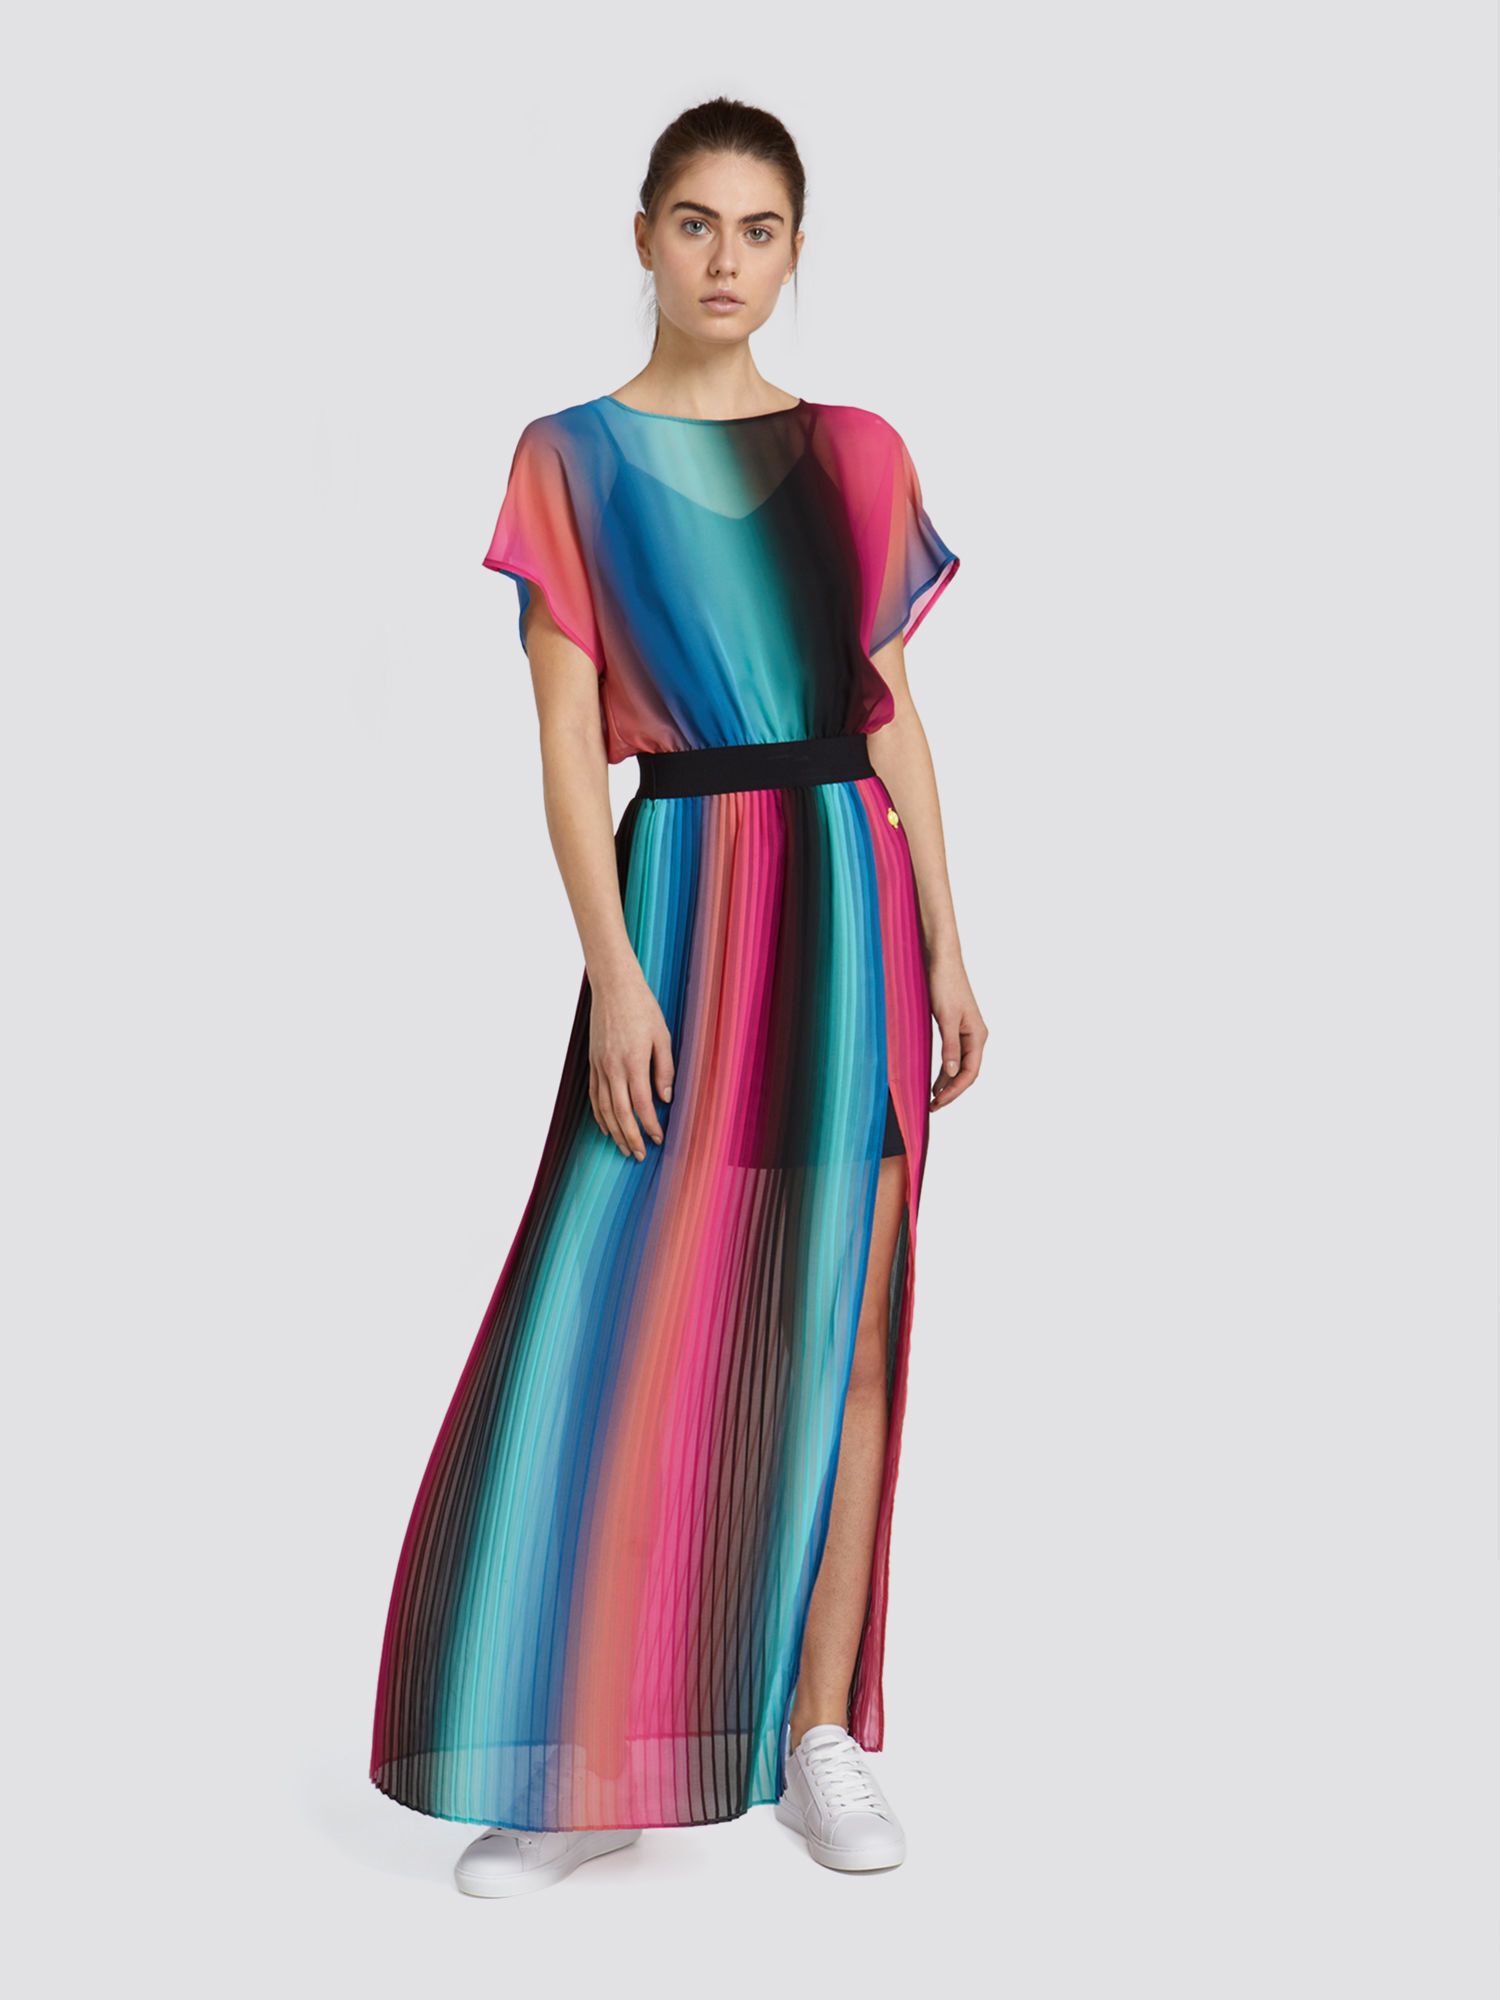 Soirée Pour De FemmesTrussardi ® Robes wNnOyvm8P0